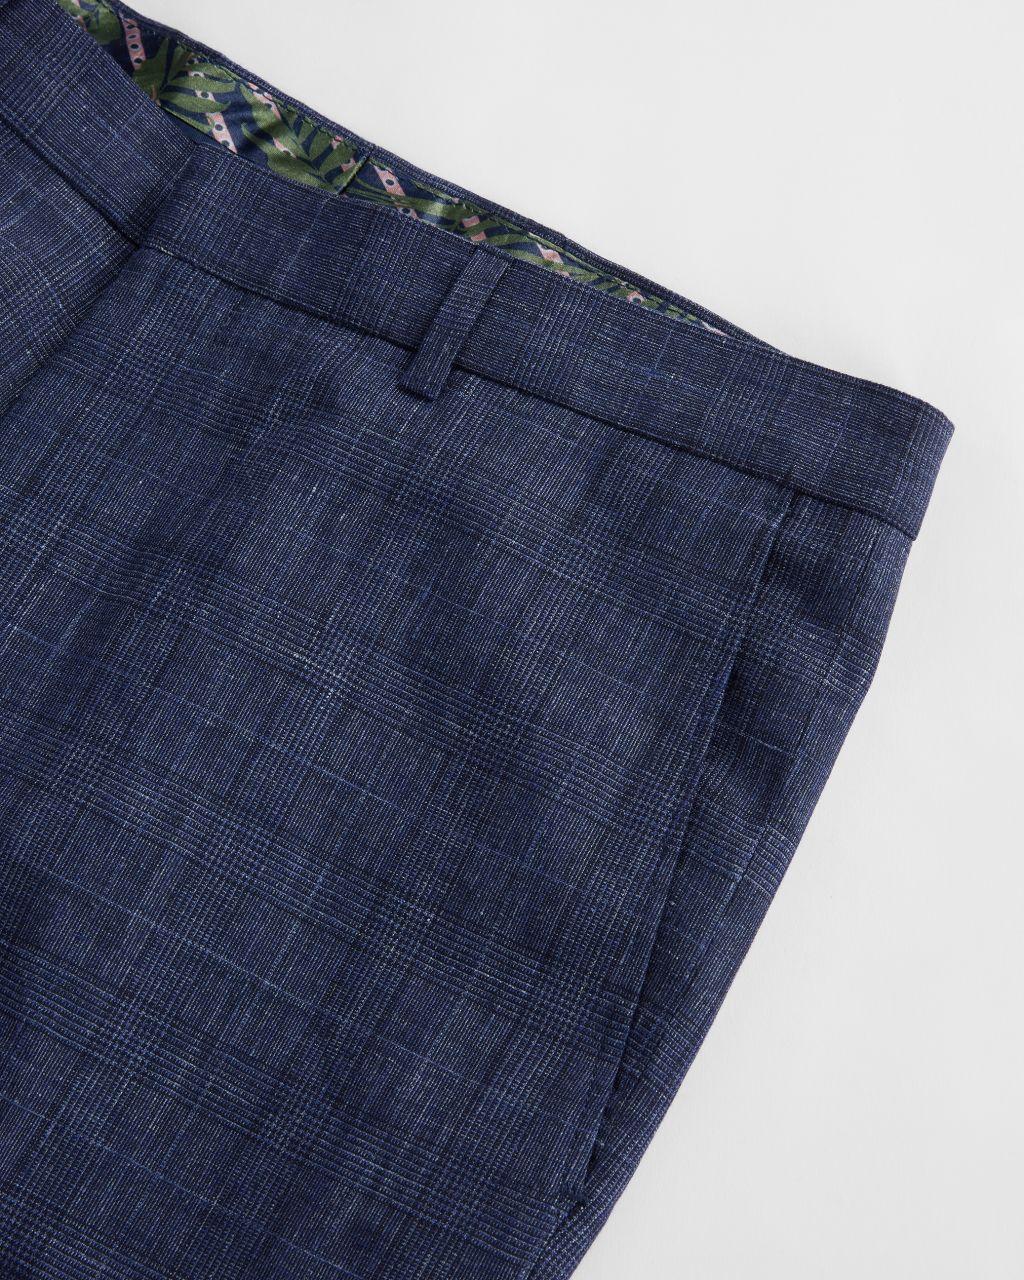 Slim Linen Check Suit Trouser